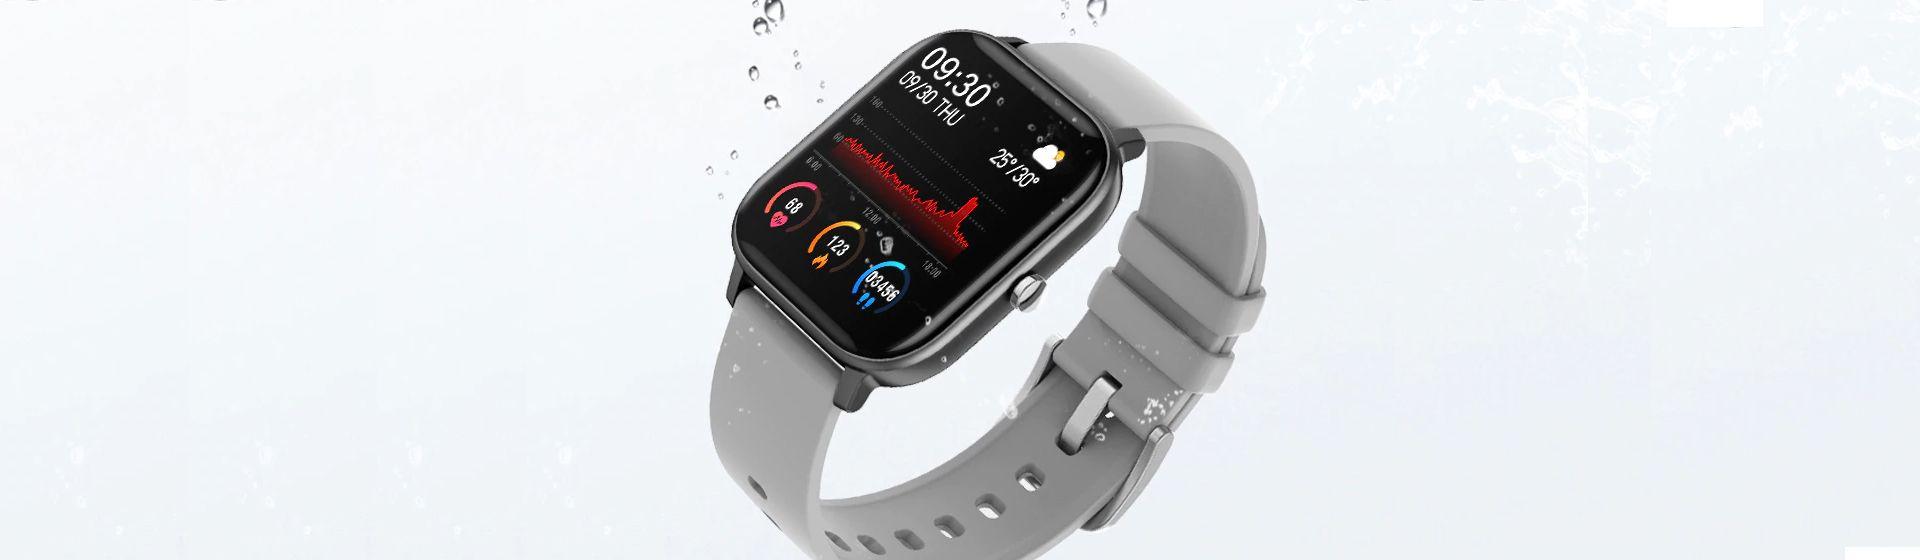 Smartwatch P8 é bom? Confira a análise da ficha técnica